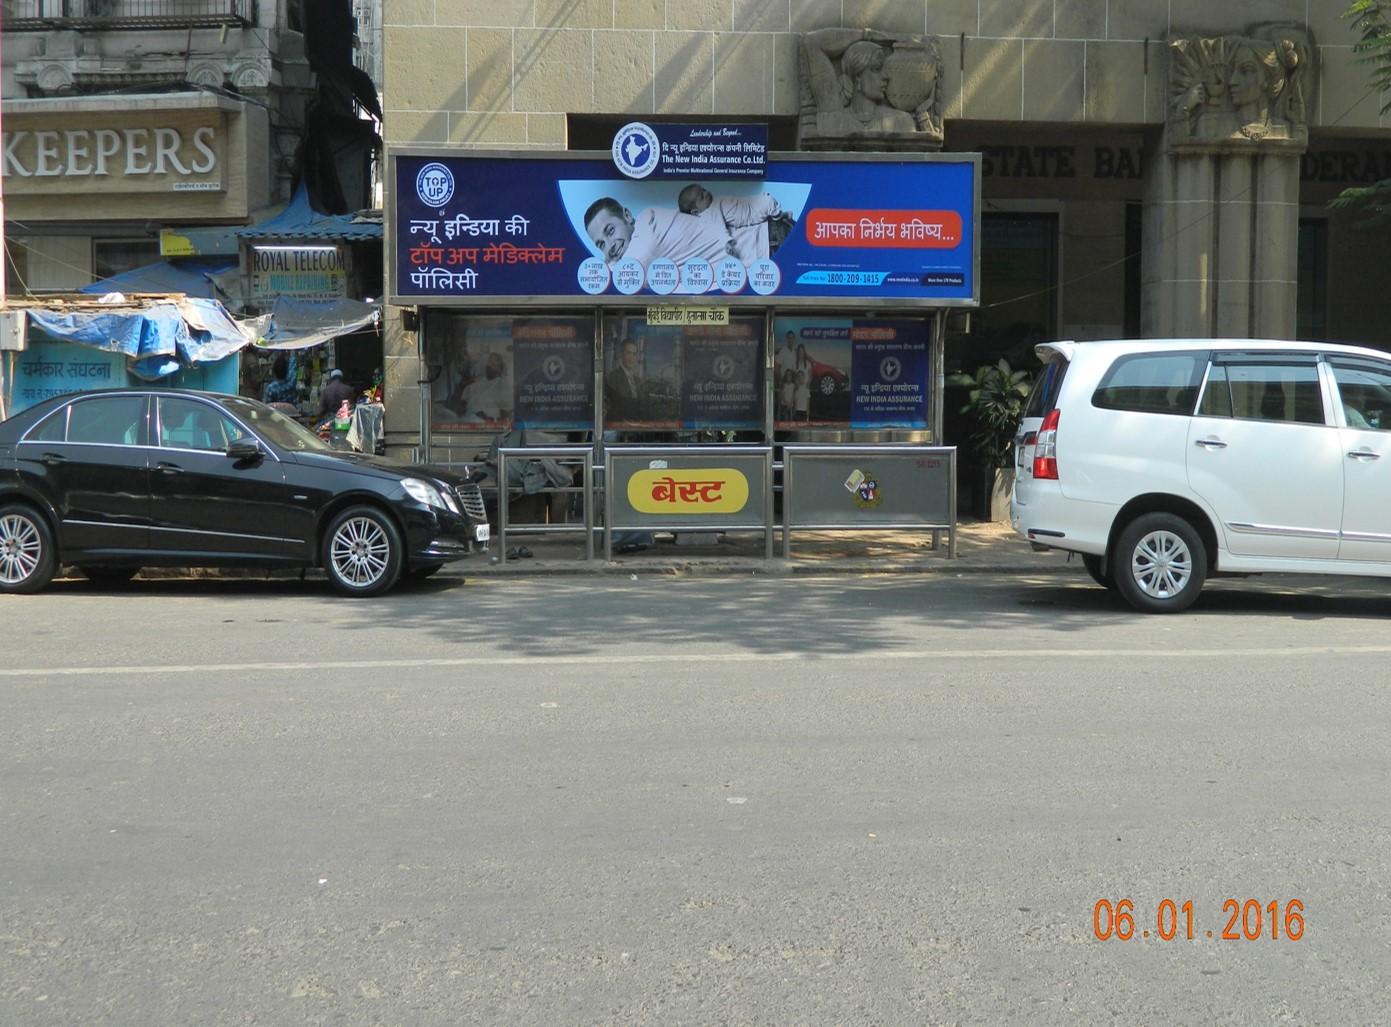 Hutatma Chawk Below New India Insurance Building Dn, Mumbai